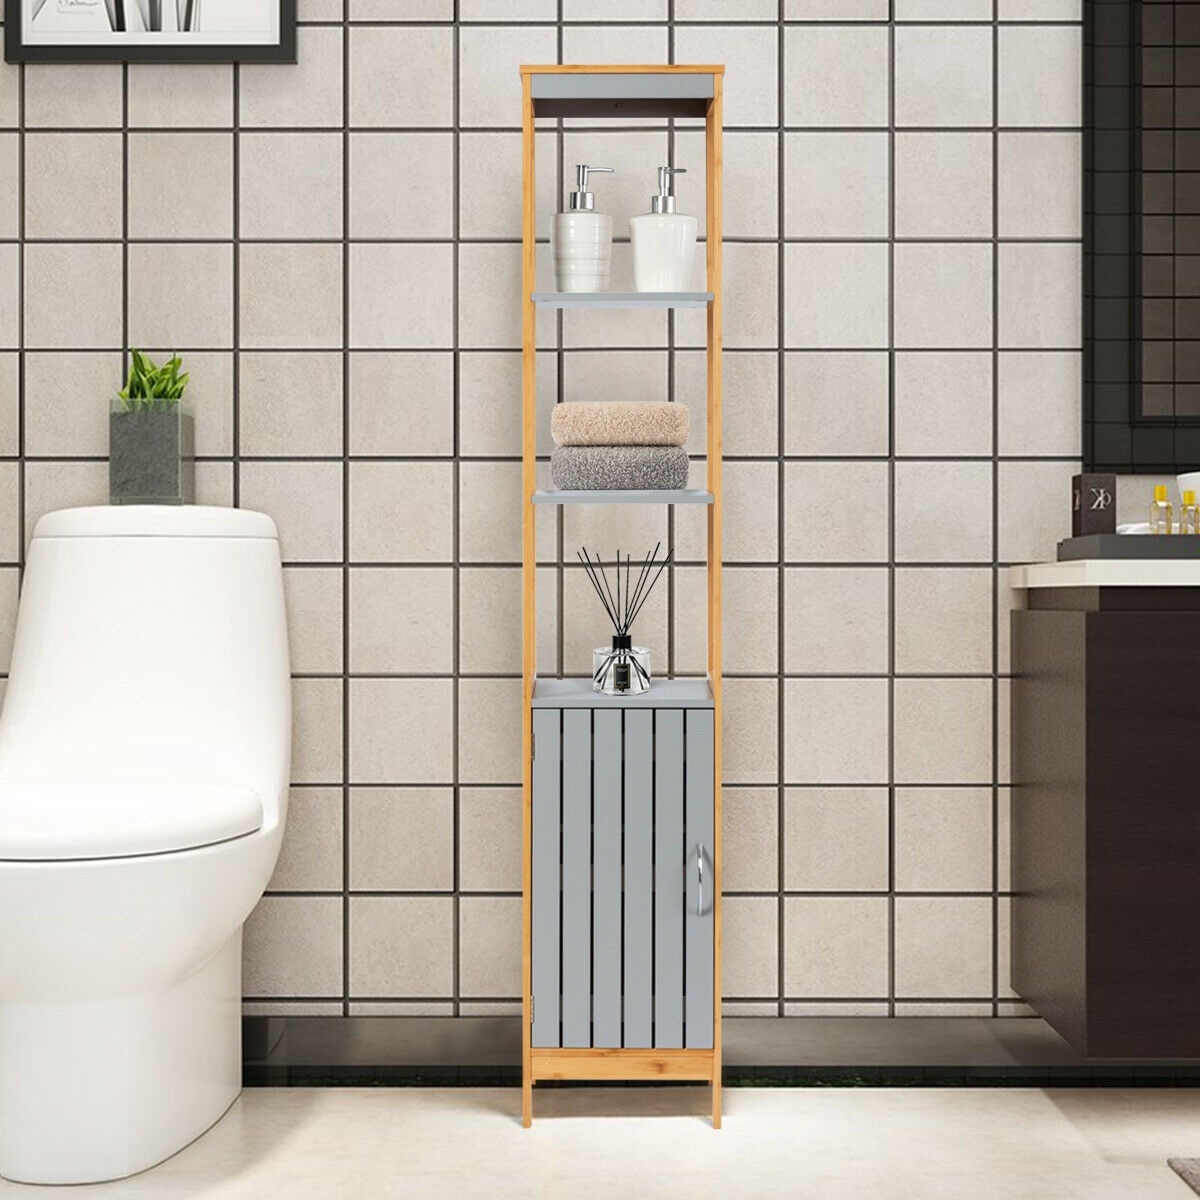 Bathroom Floor Cabinet Bamboo 5-Tier Concise Freestanding Storage Shelf